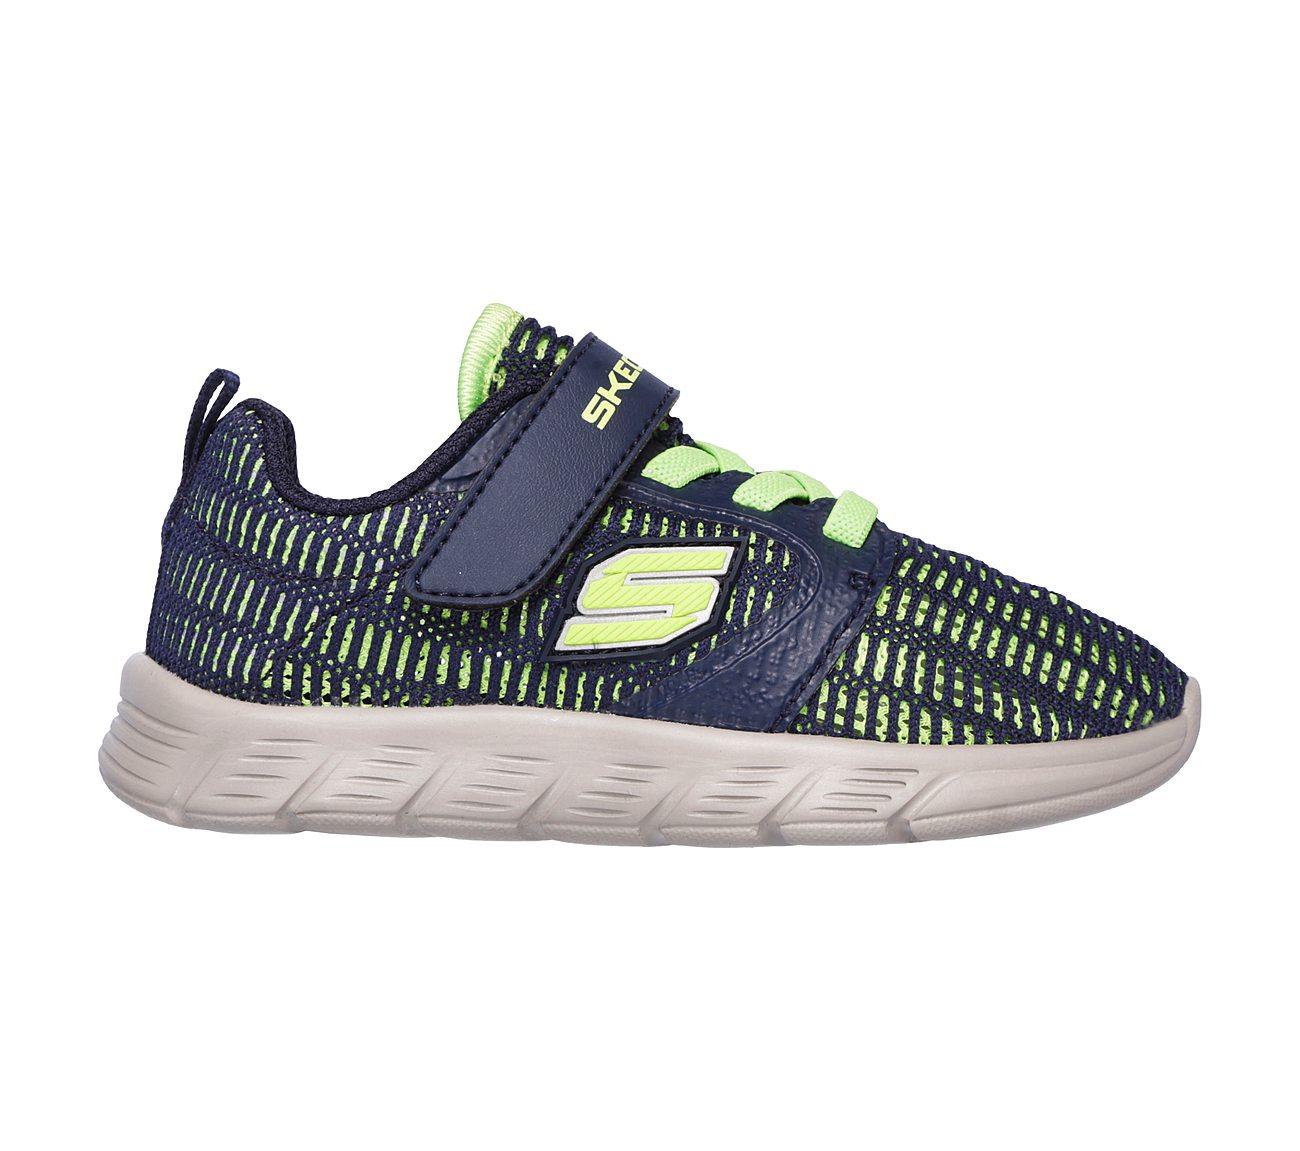 860d5d9e828 Buy SKECHERS Comfy Flex - Micro Shift Sport Shoes only $36.00